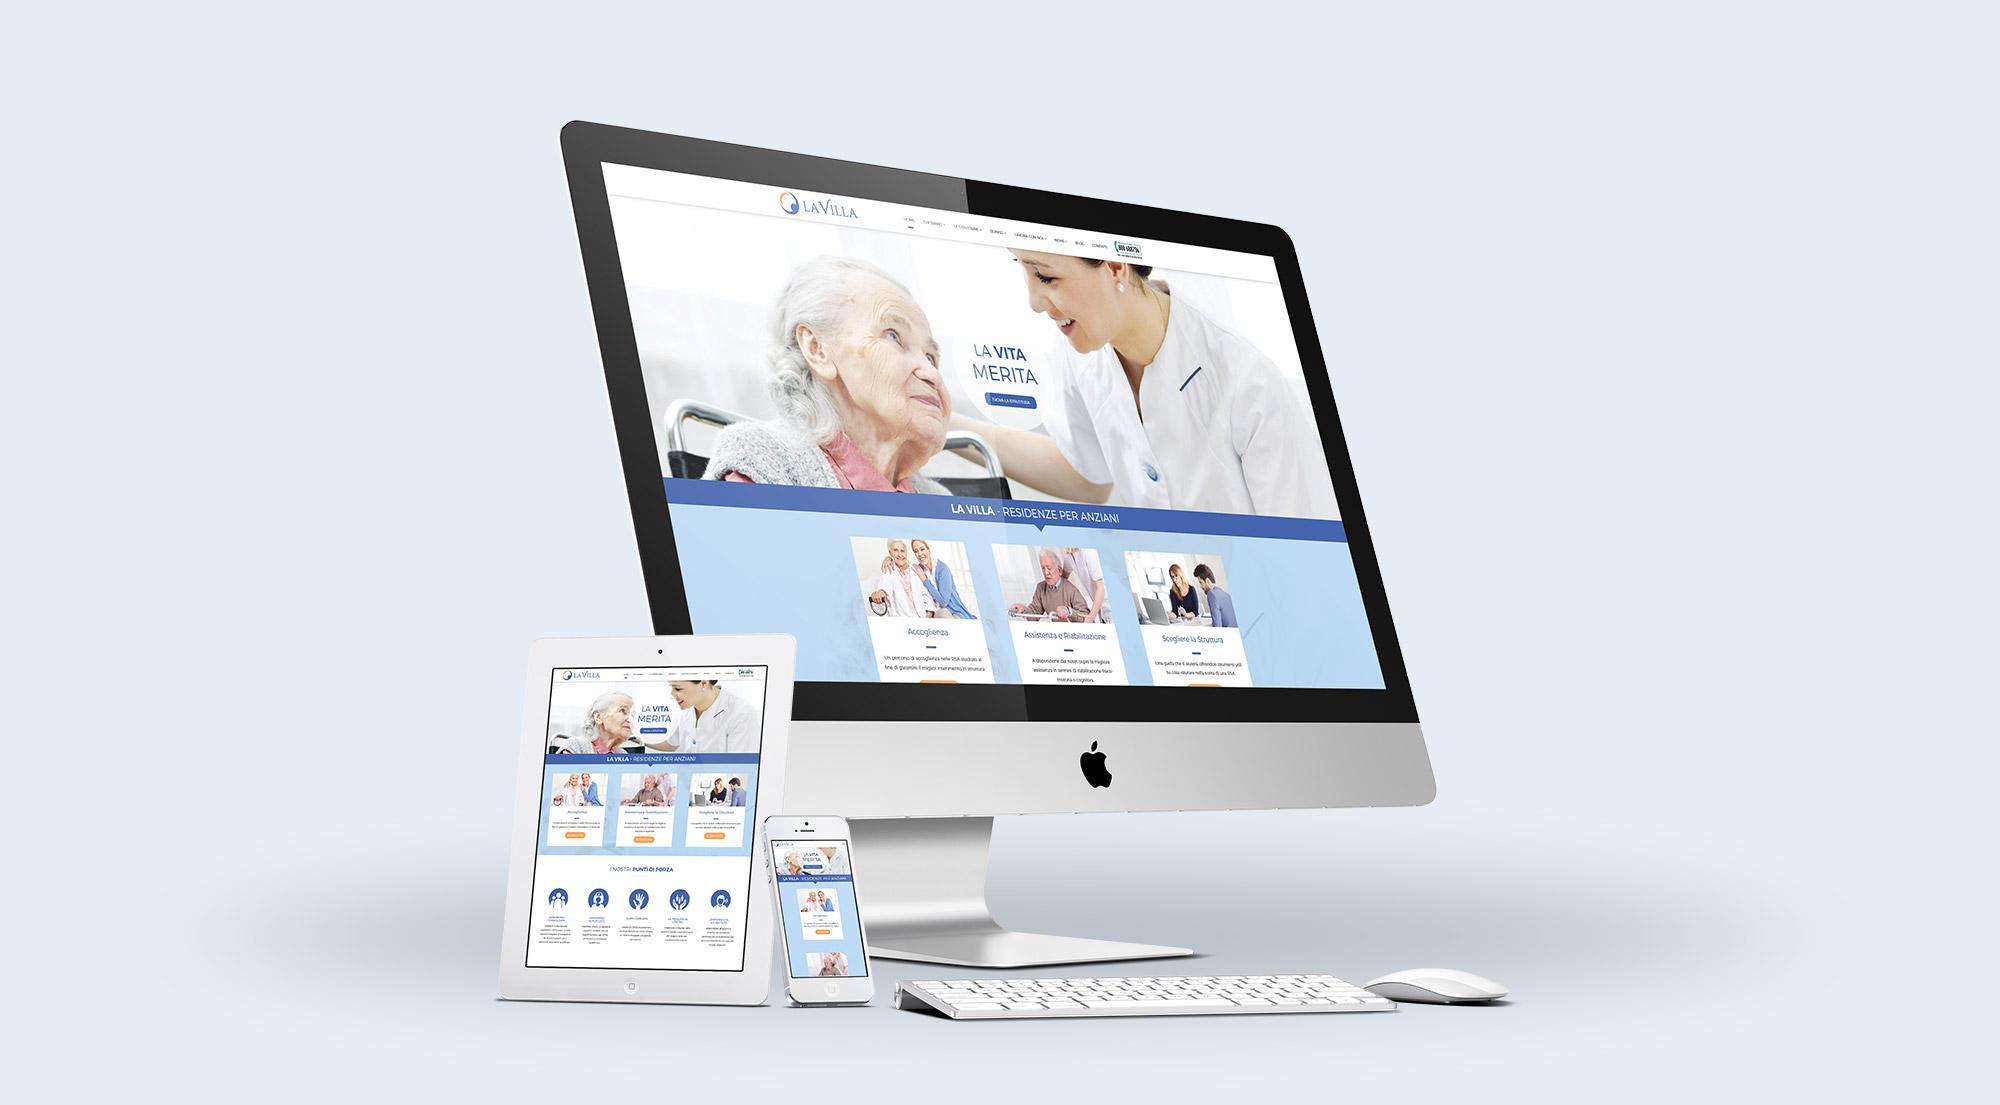 La Villa: al via un restyling dell'immagine aziendale e un nuovo sito web.  La persona, al centro di tutto.